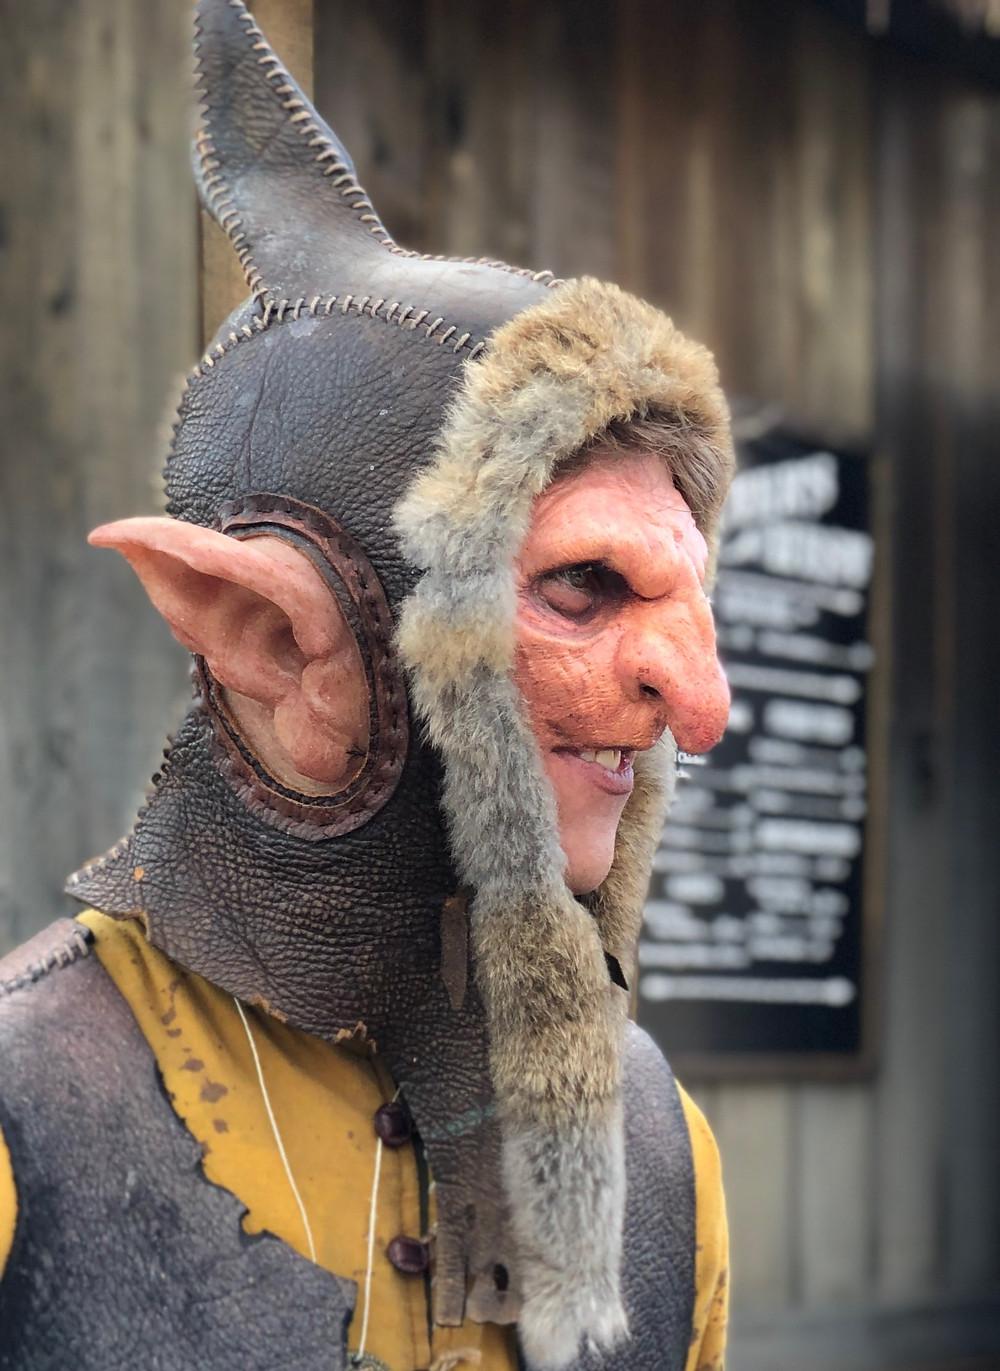 Grimey Goblin